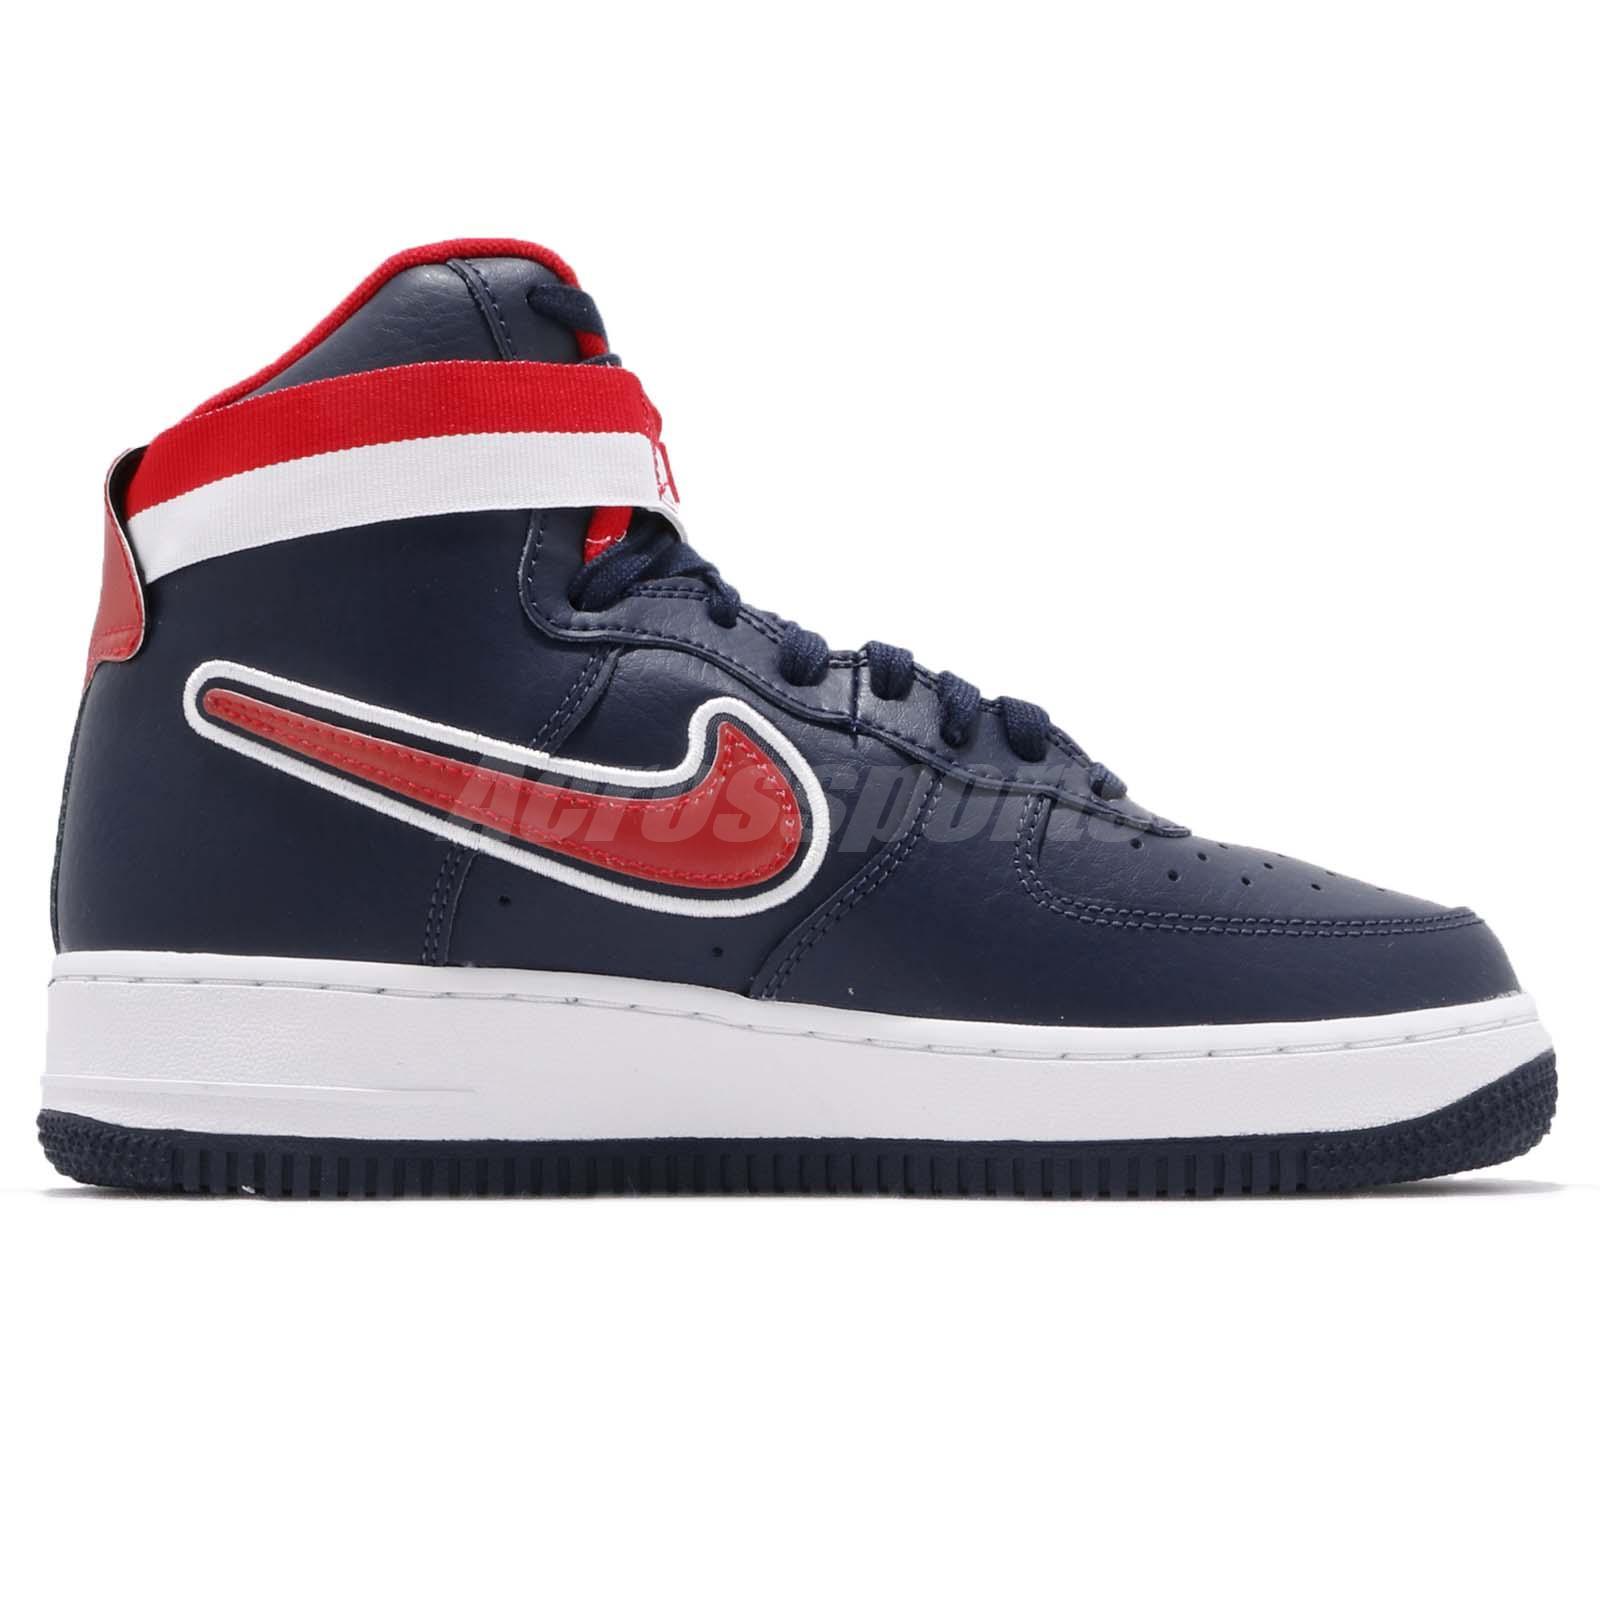 buy online 4ddff 83dc3 Nike Air Force 1 High 07 LV8 Sport AF1 USA Navy Red Men Shoes ...